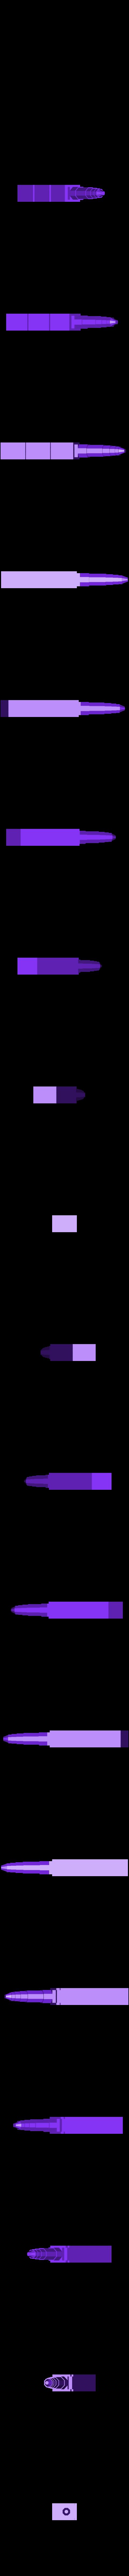 Mather_Tower.stl Télécharger fichier STL gratuit Mise à jour de Chicago • Plan pour impression 3D, Urukgar4D